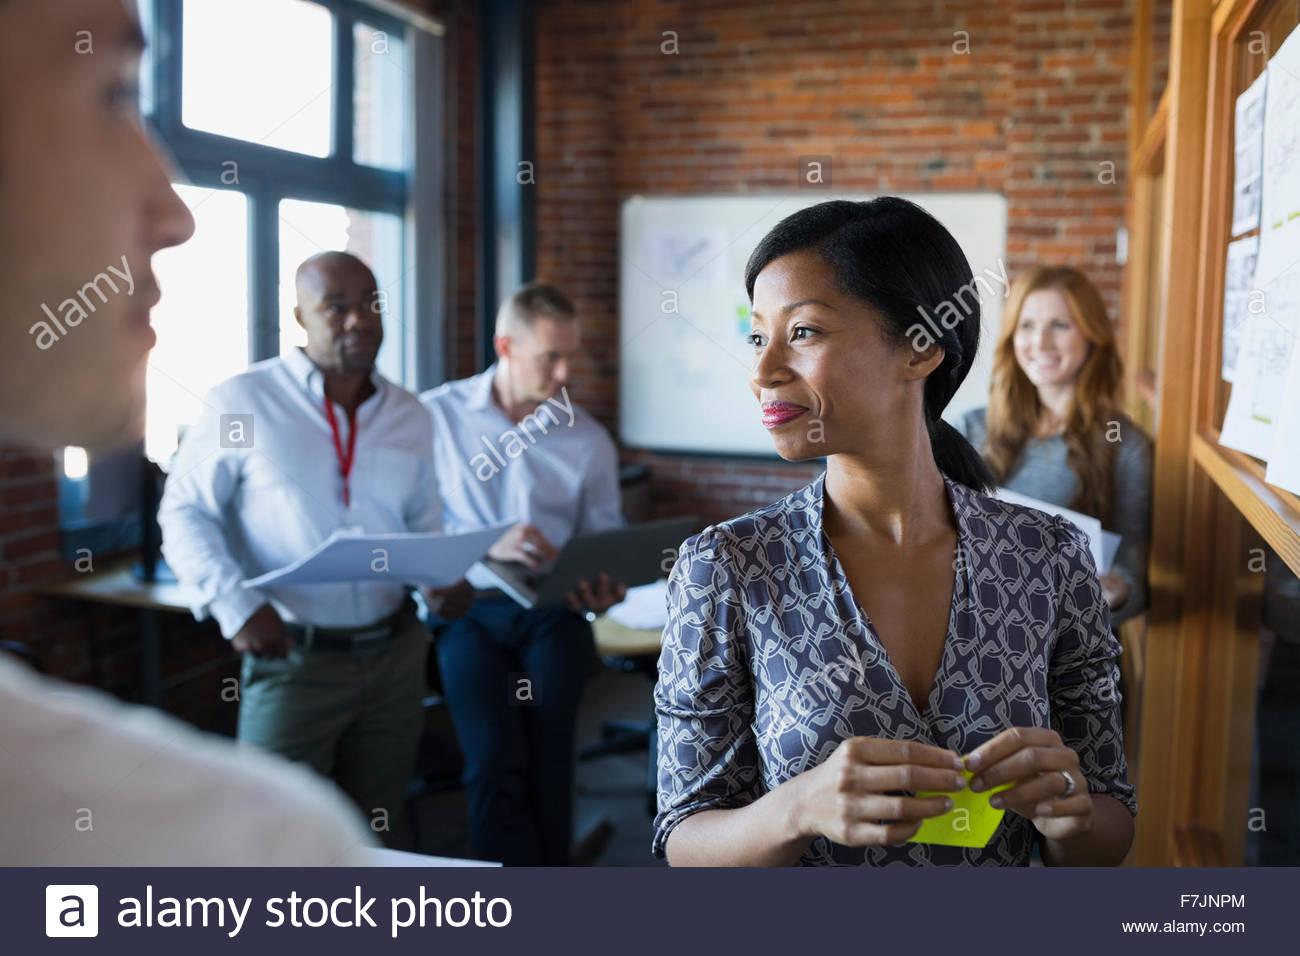 La gente de negocios en reuniones de lluvia de ideas Imagen De Stock